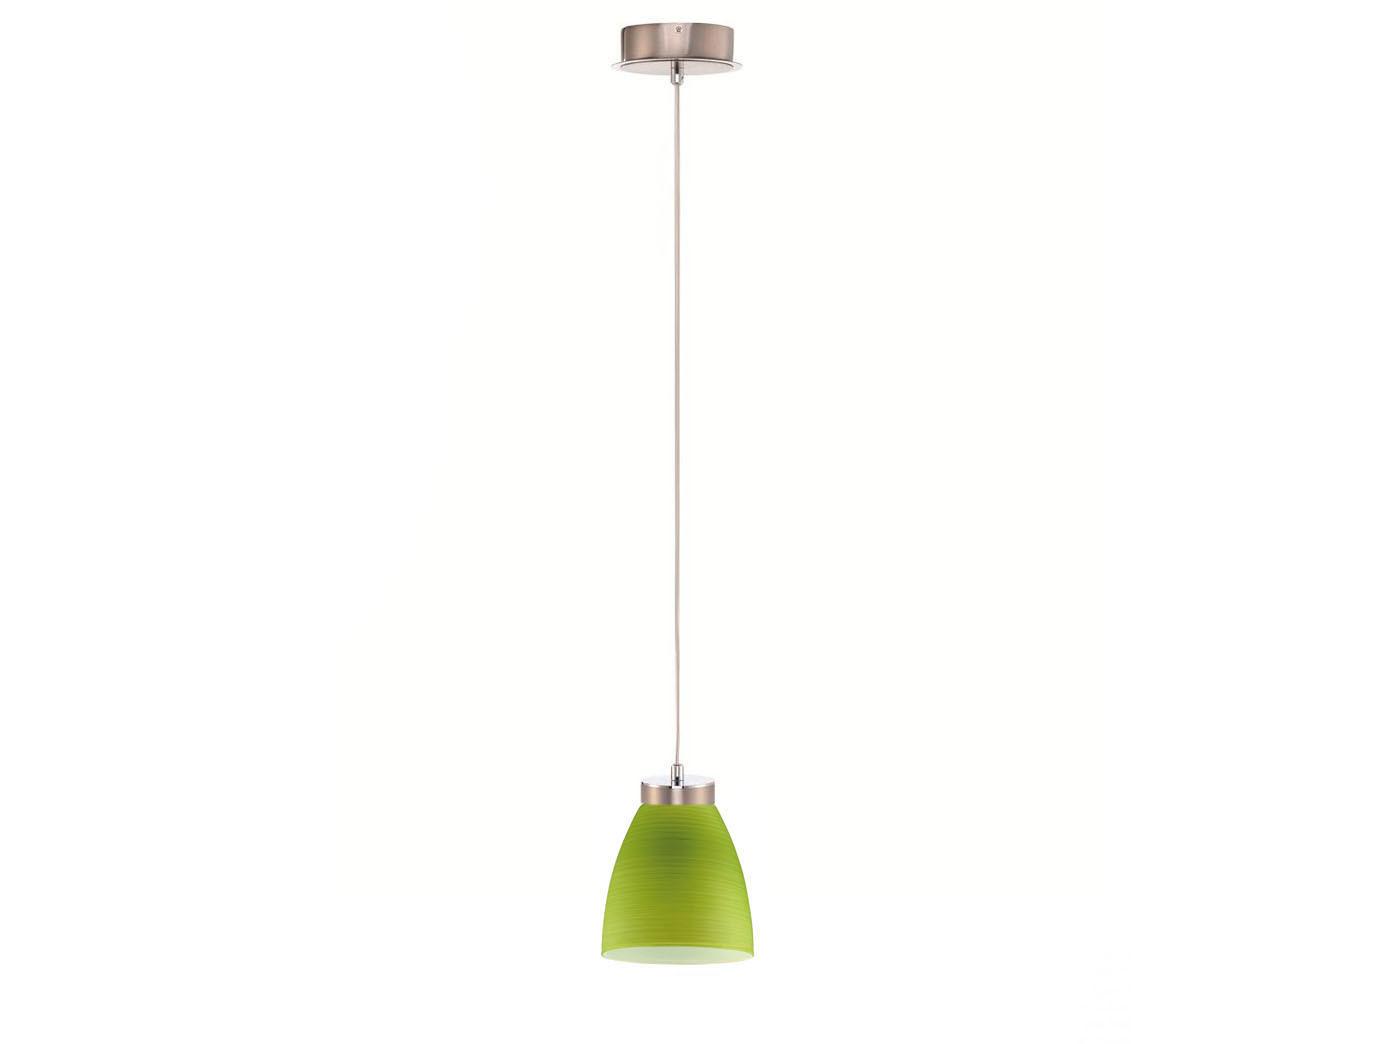 LED Pendellampe Glasschirm grün gewischt Hängeleuchte Pendel Esstisch Küche